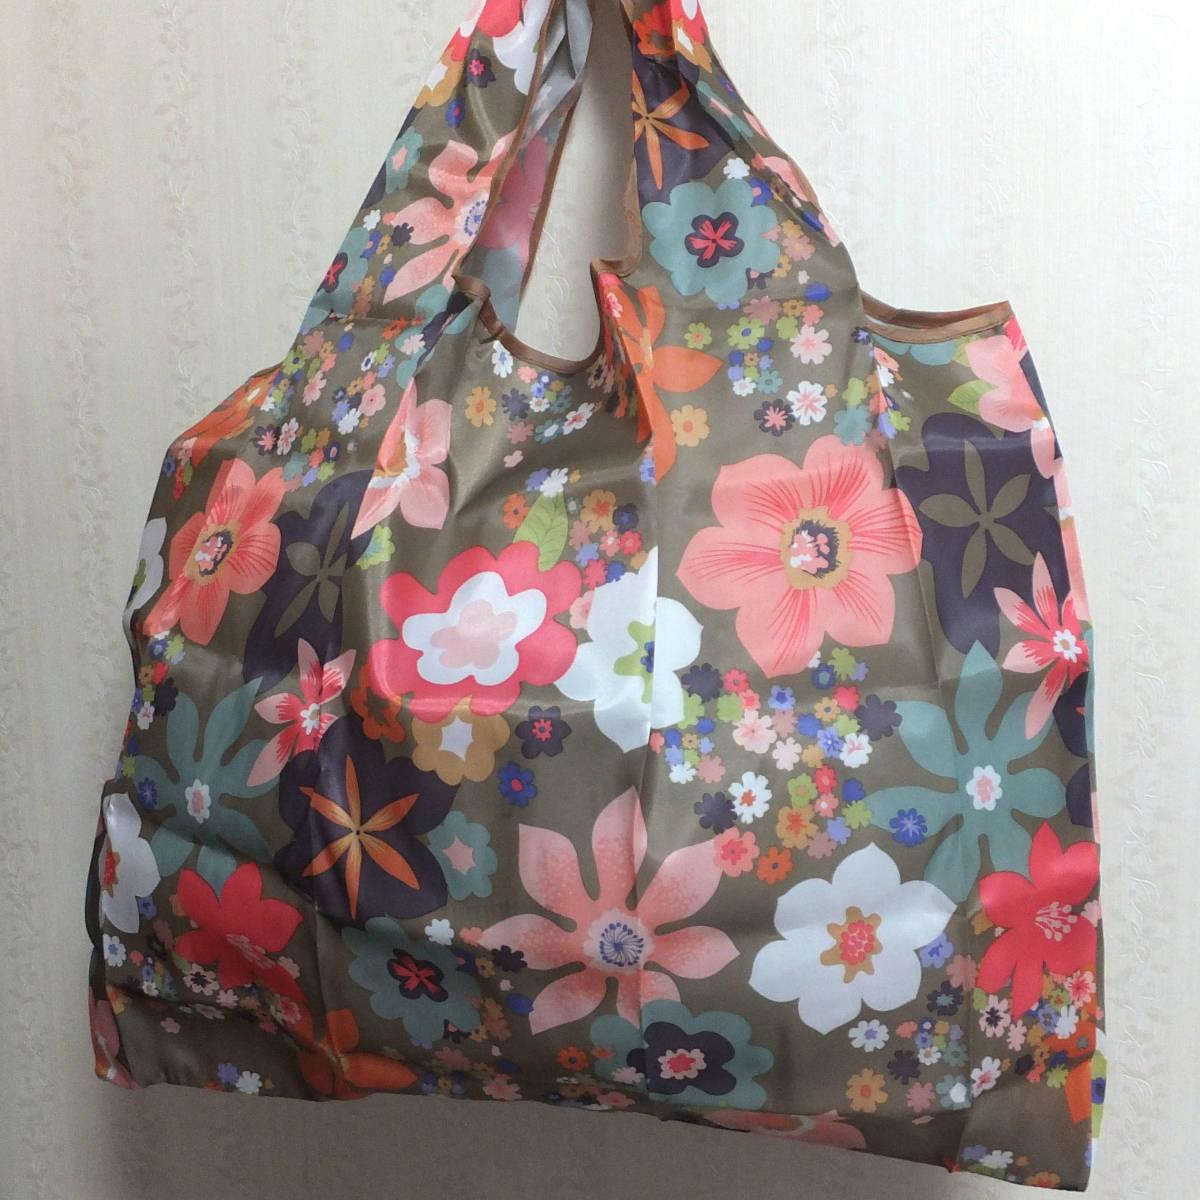 【大容量】エコバッグ Lサイズ カラフルフラワー ベージュ 花柄 防水 軽量 コンパクト レジバッグ サブバッグ マイバッグ 携帯利 水洗いOK